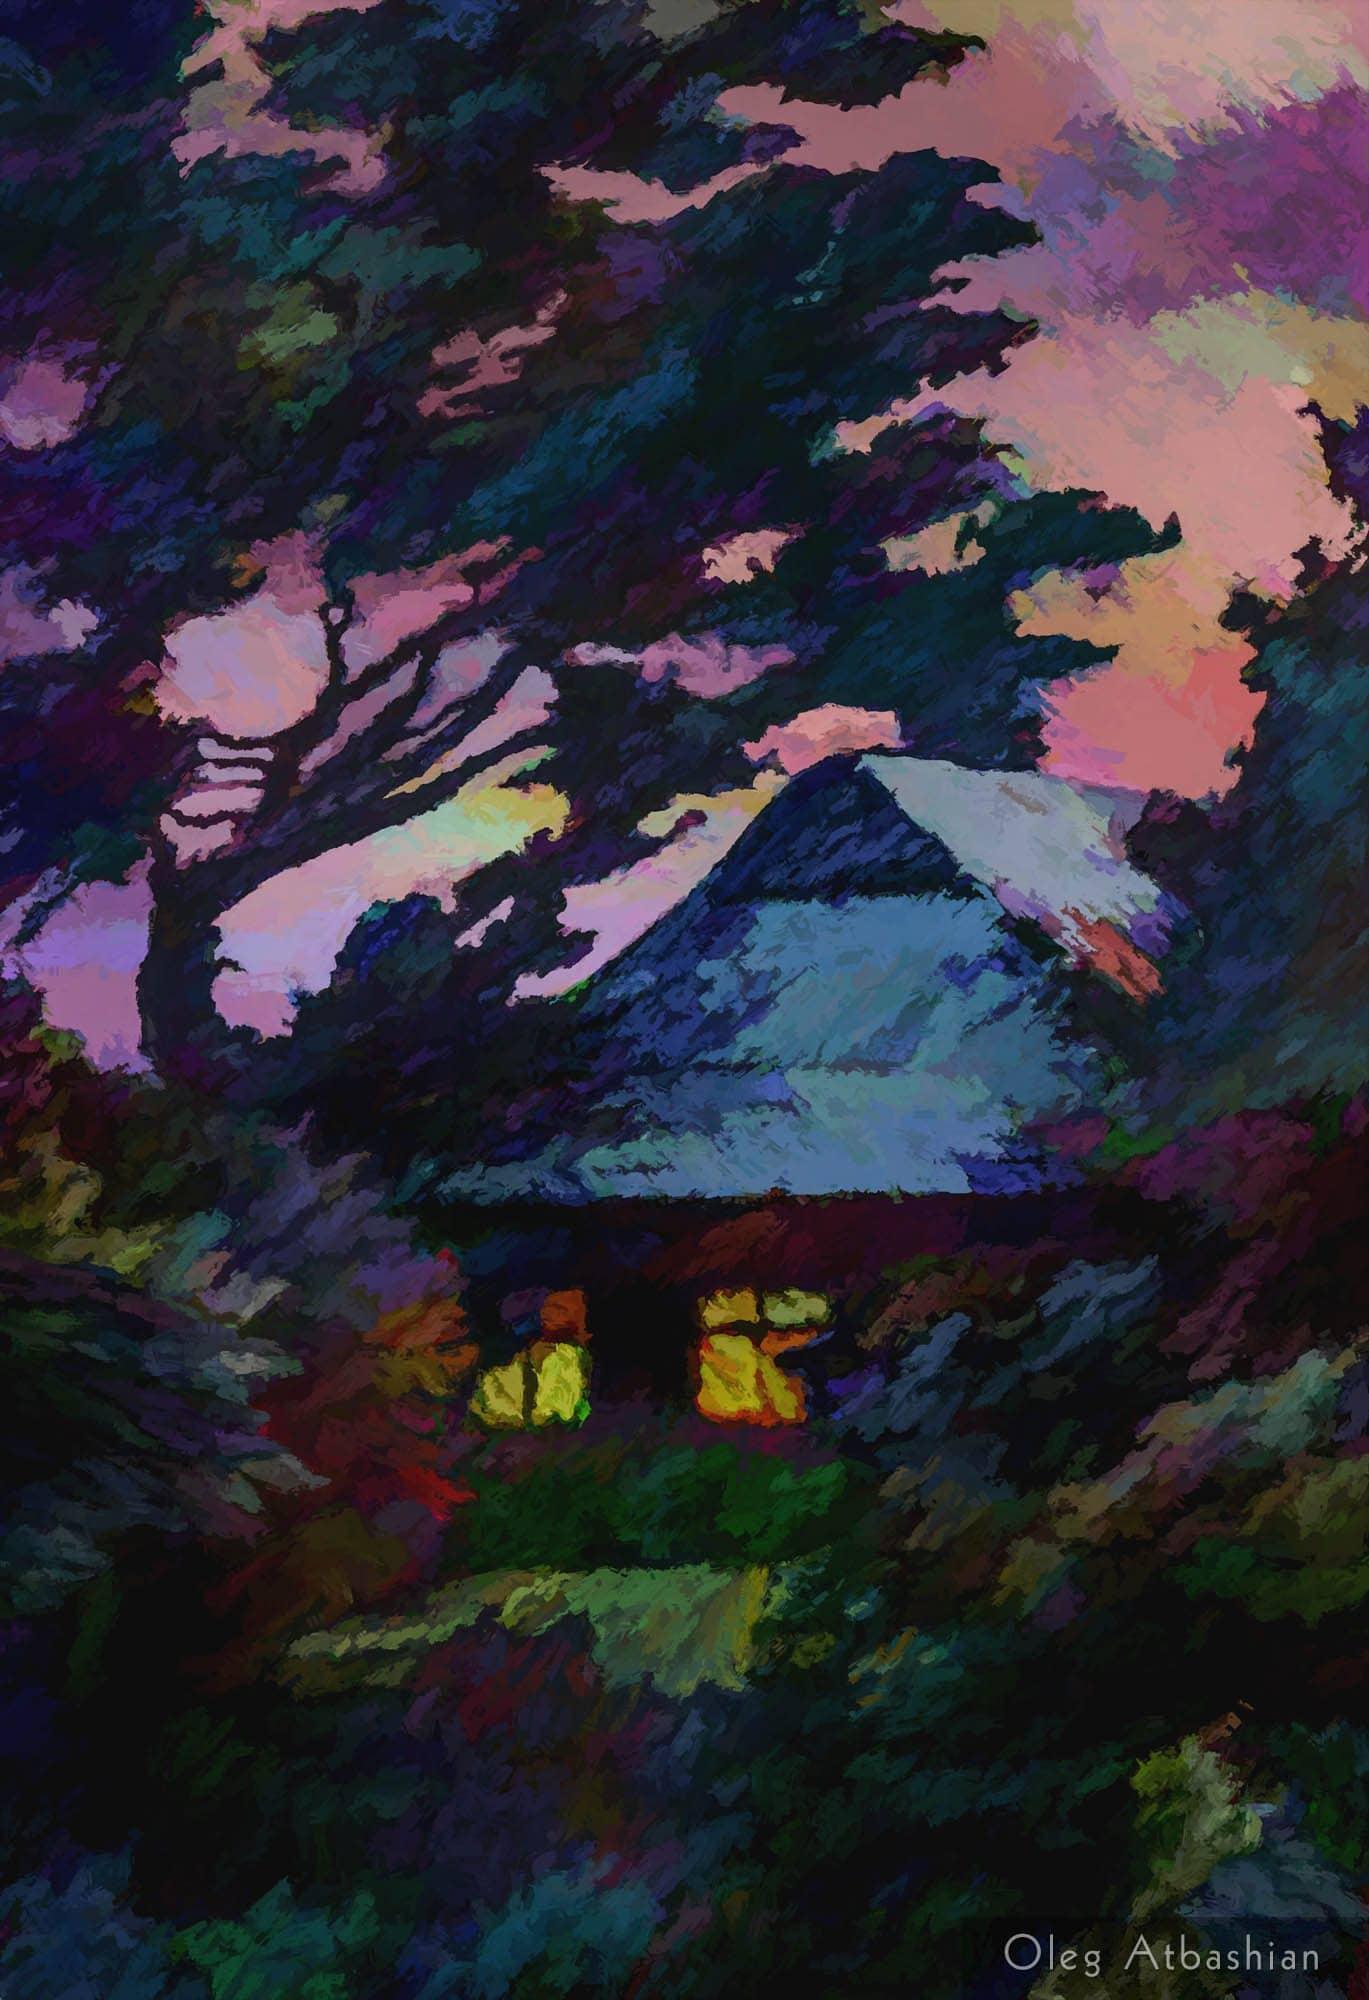 Light in Windows on Summer Evening